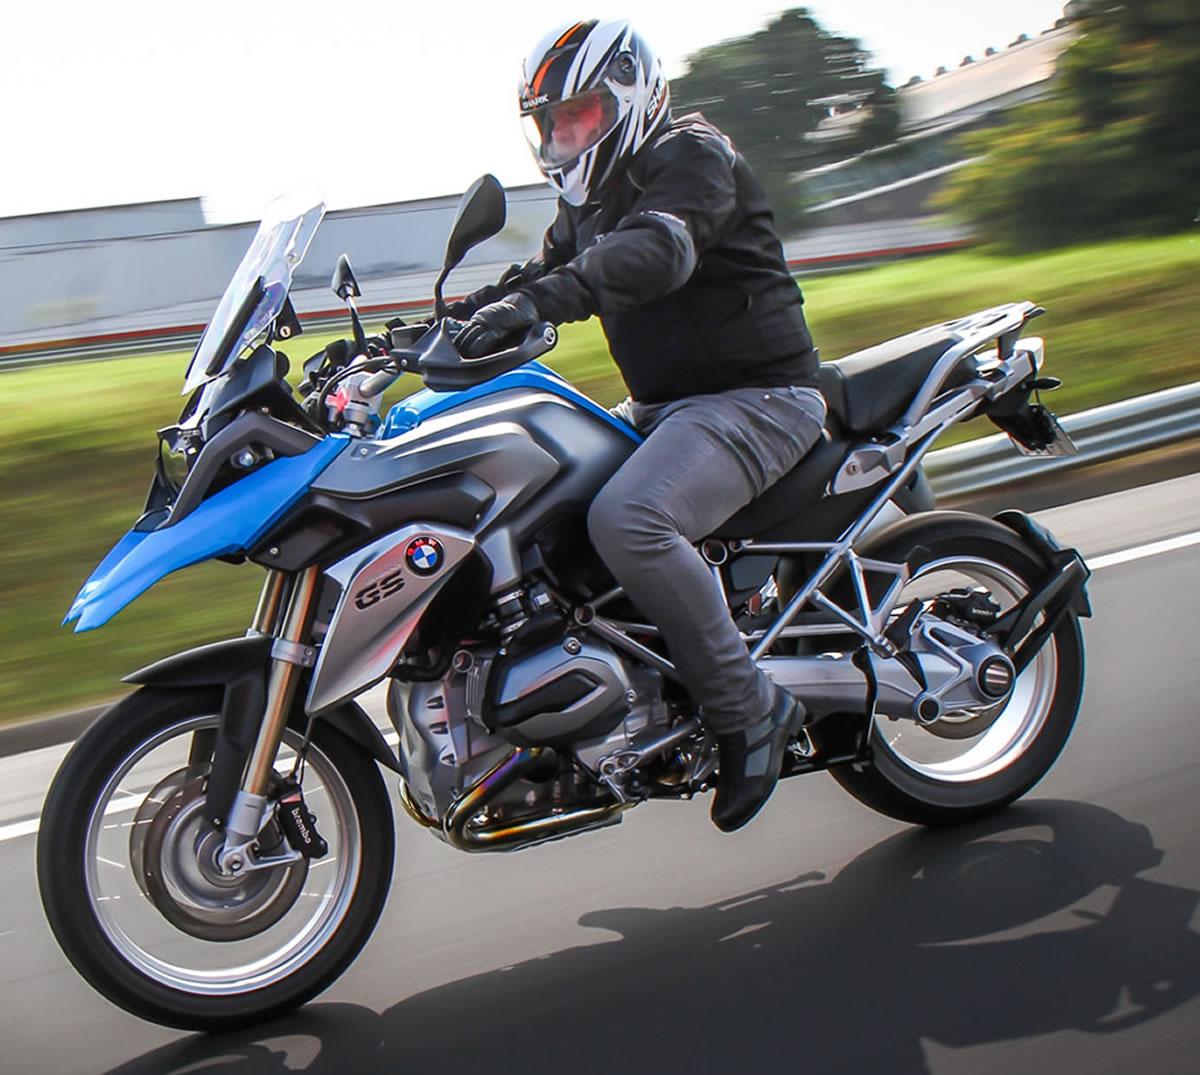 Lançamento Nova moto BMW R 1200 GS  2013  – Fotos, Vídeos, Preço  e Funções